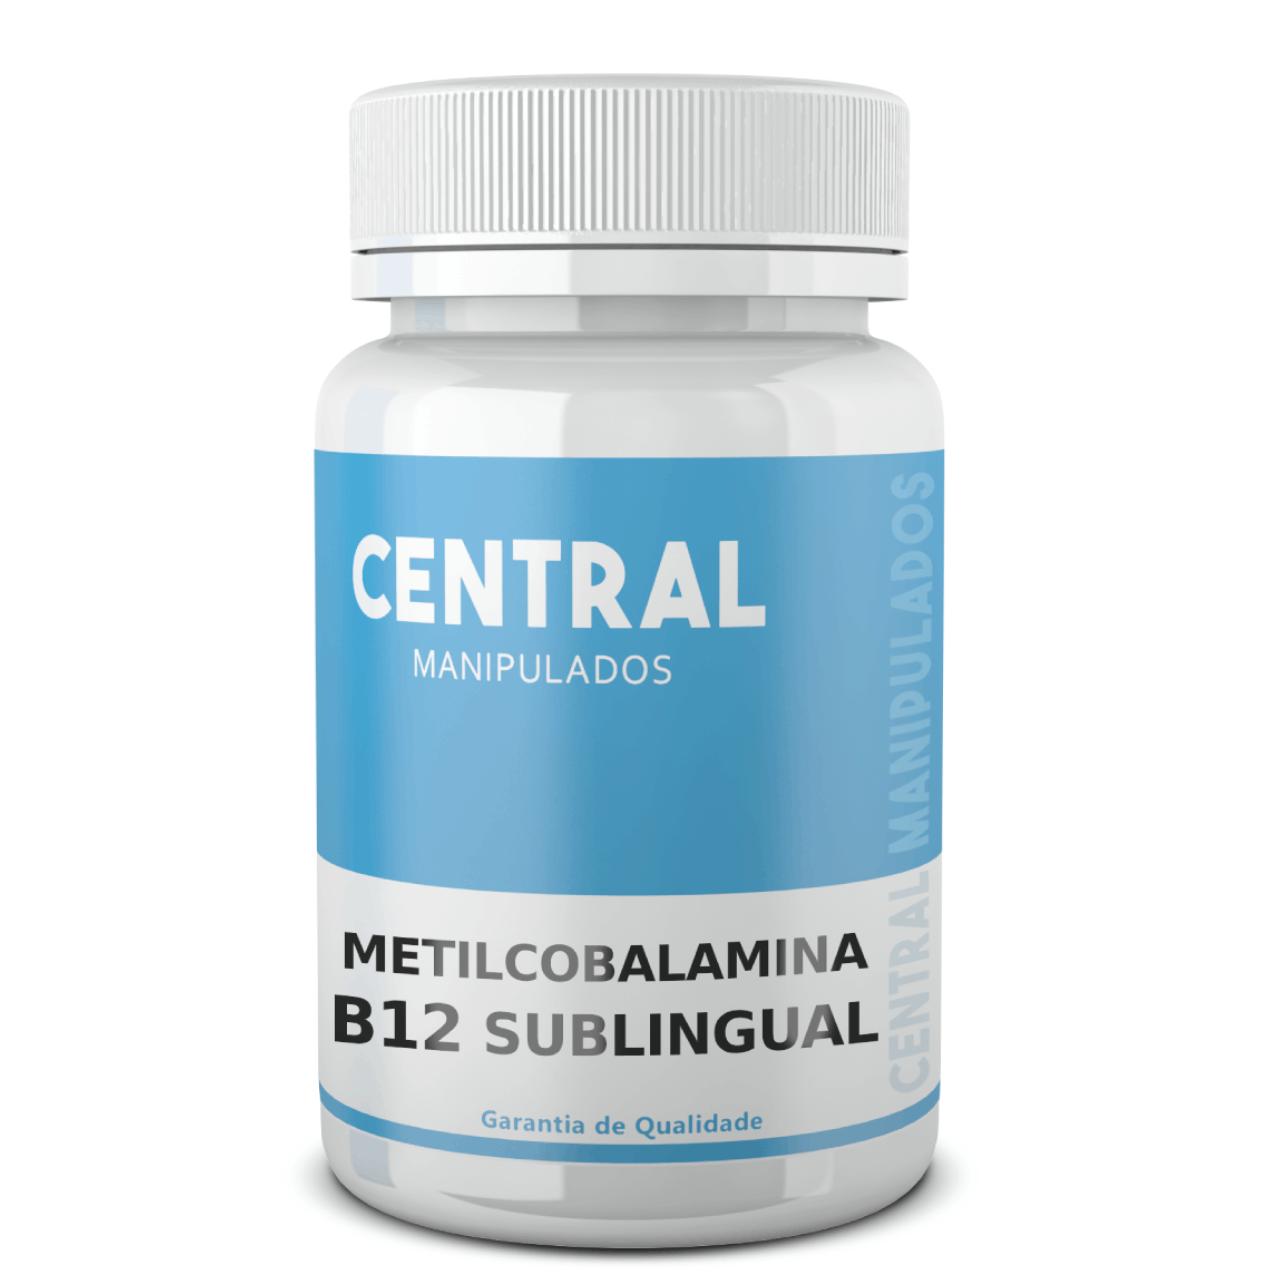 Metilcobalamina 1.500mcg - 120 cápsulas - Vitamina B12 - Sublingual (Tapiocaps)